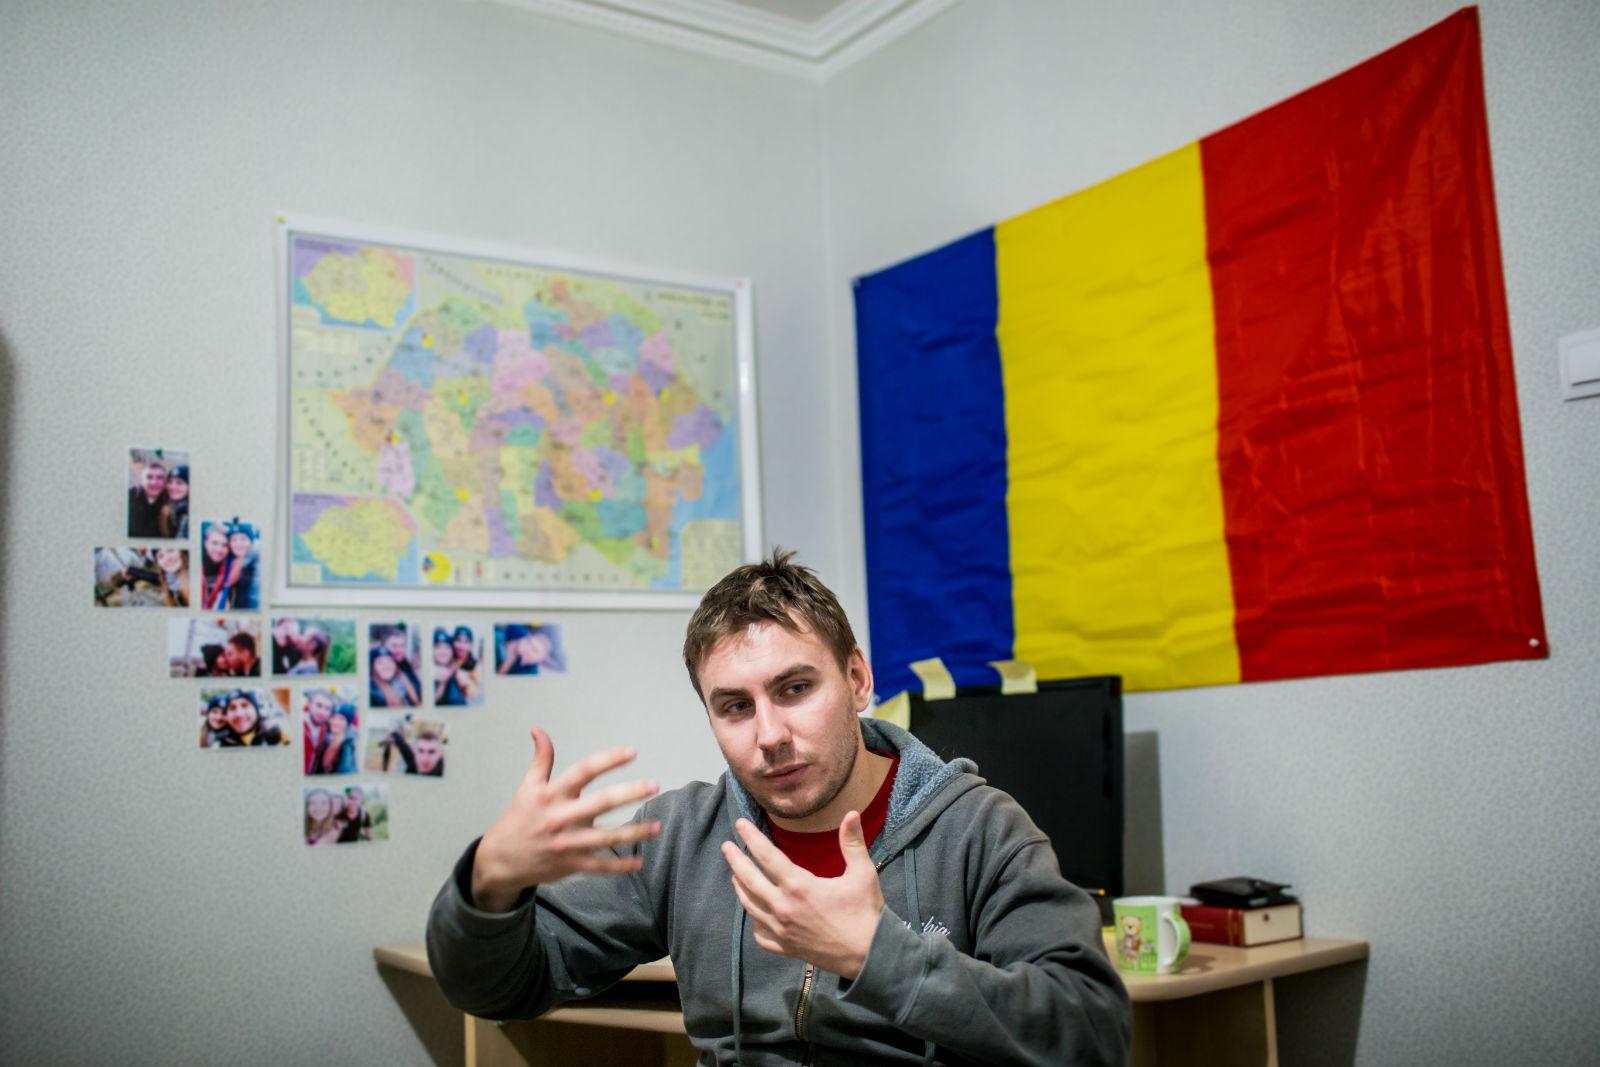 Nicholae, członek Młodzieży Mołdawii.